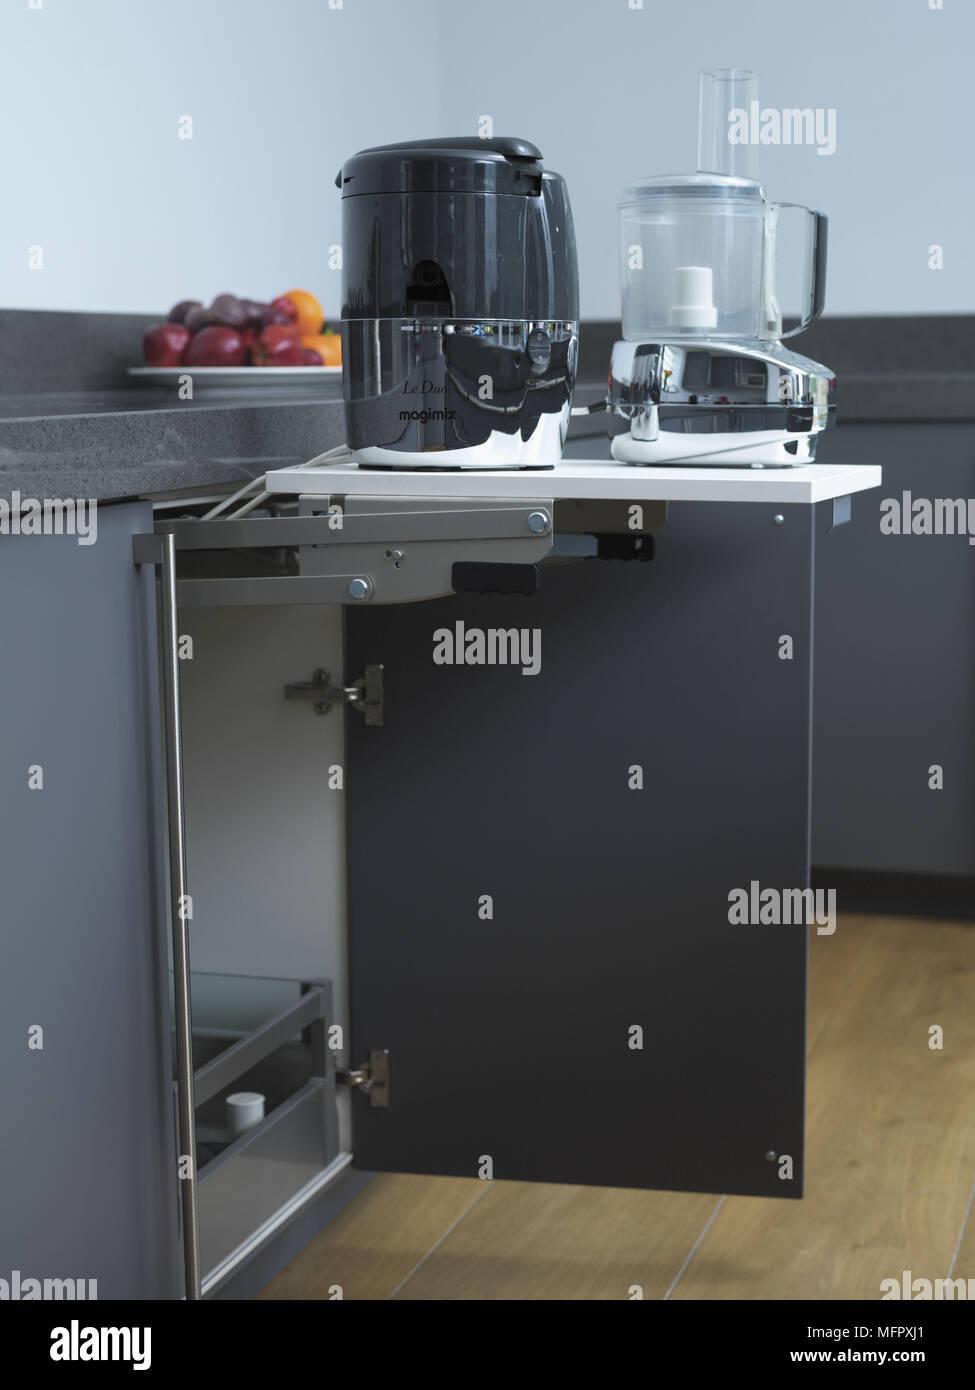 Geräte auf ausziehbares Regal auf Küchenschrank Stockfotografie